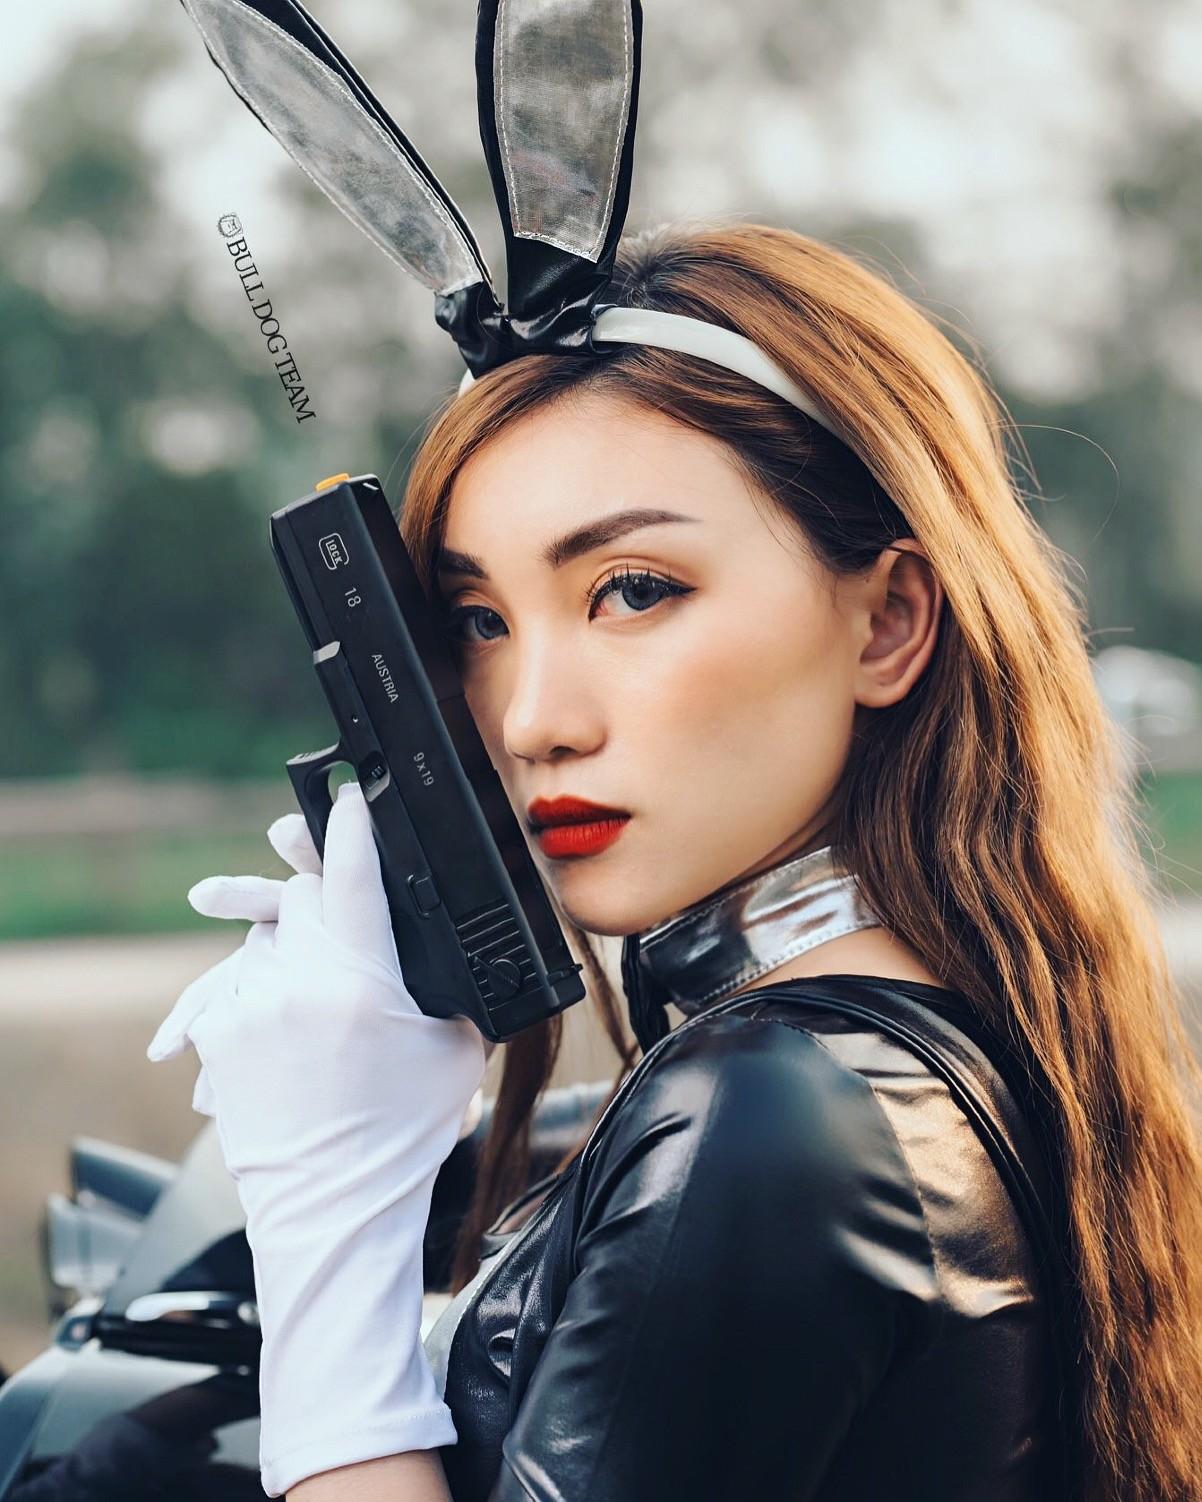 """Nữ chiến binh Thỏ so kè độ nóng bỏng với """"xế nổ"""" Harley-Davidson - 11"""